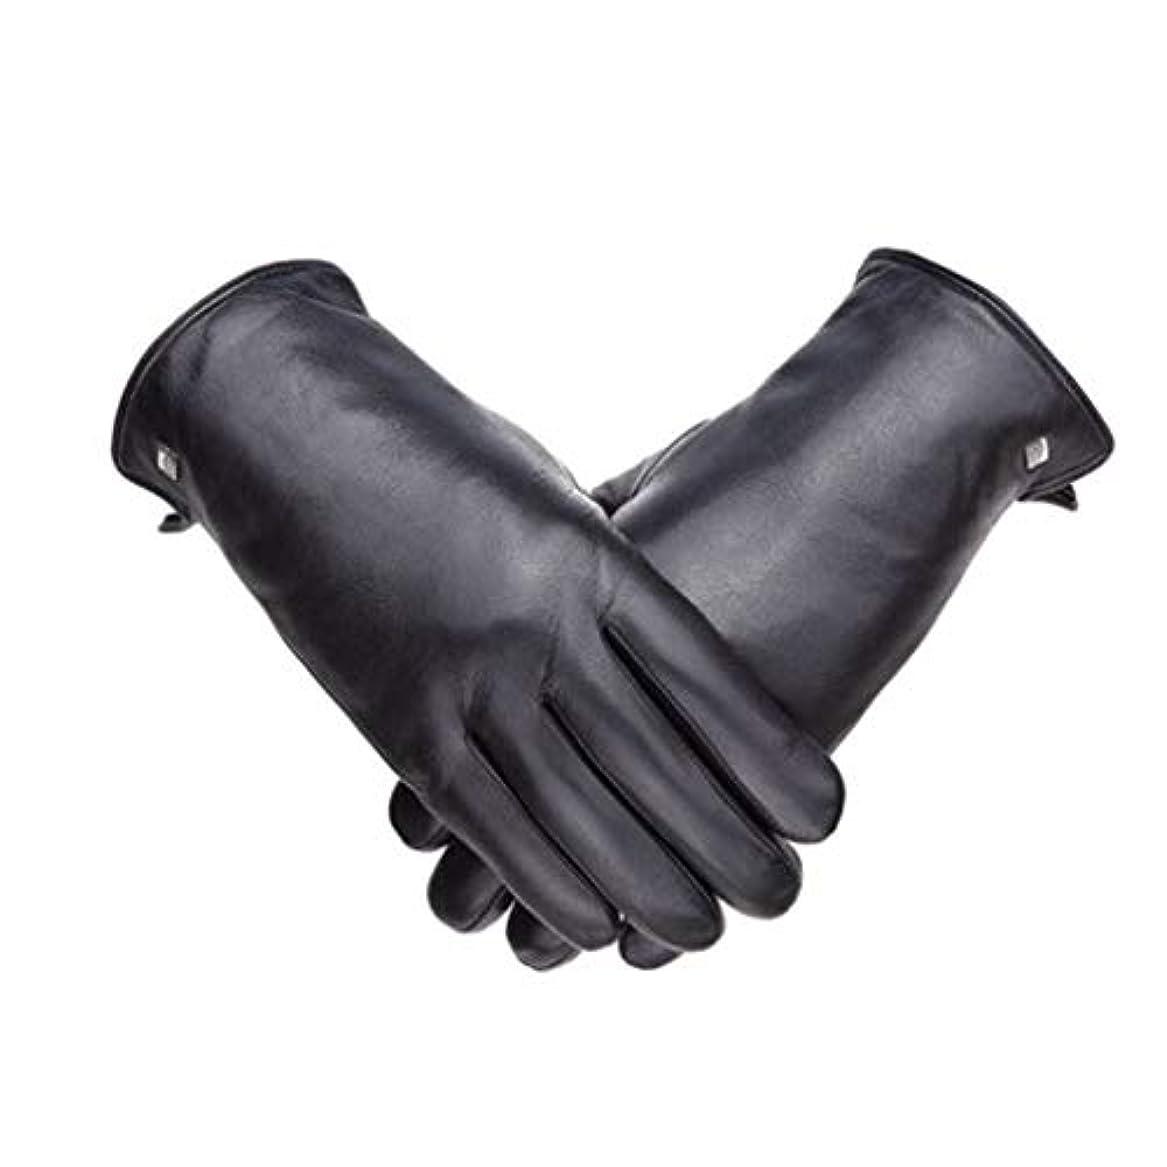 損なう卑しい乗り出す革の肥厚プラスベルベット柔らかなヤギの男性の手袋防風寒い冬暖かい手袋を乗って19841101-01B黒XXL